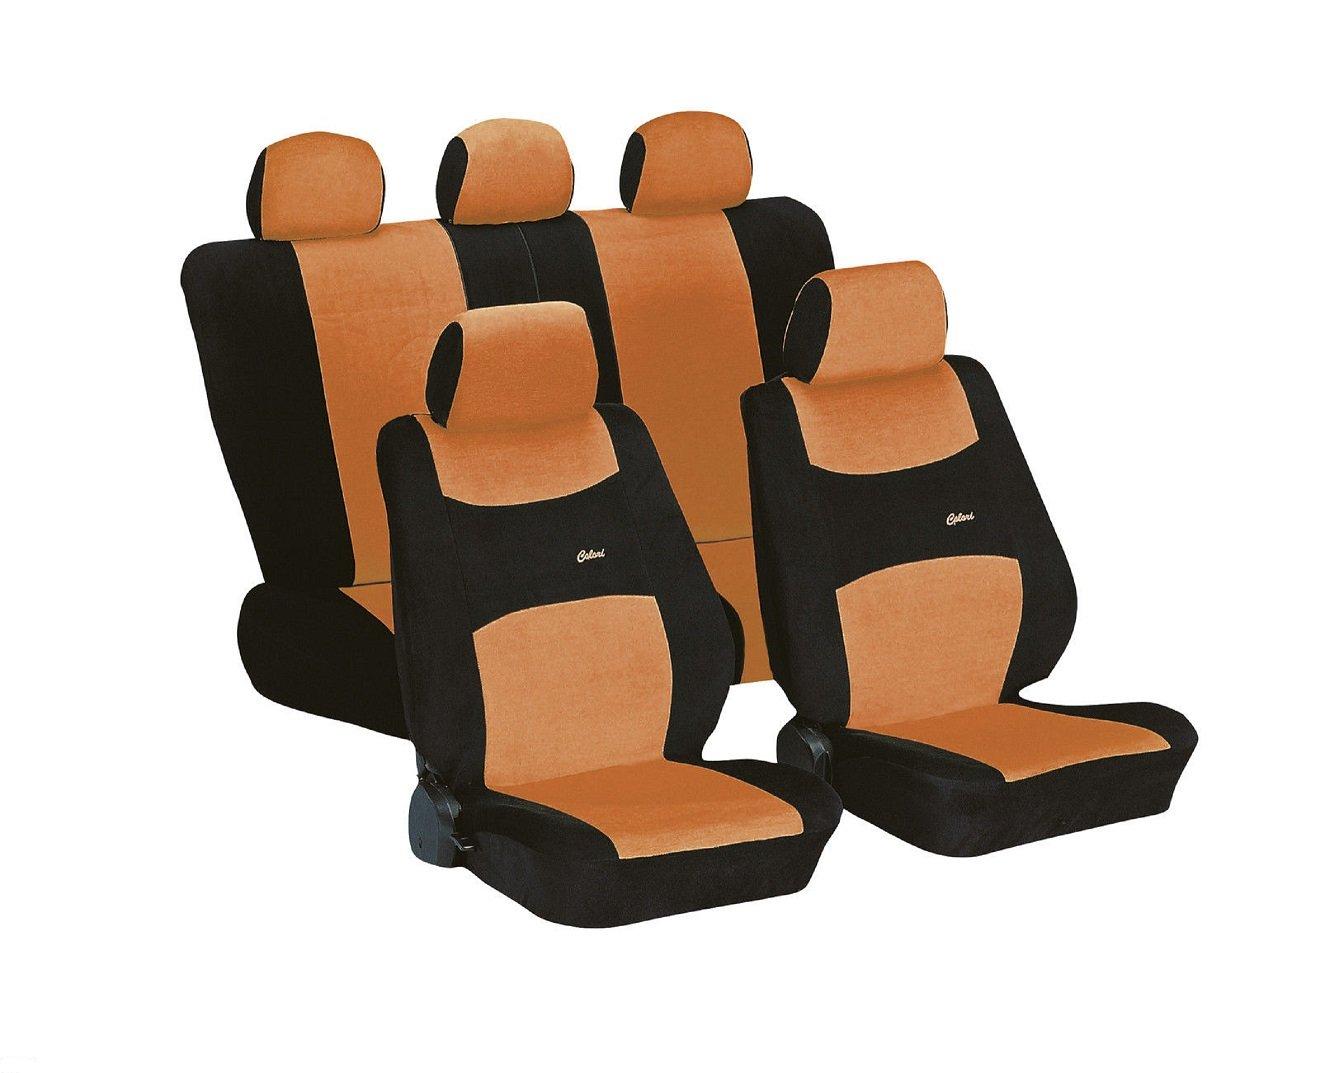 Amazon.es: Coche Colori Naranja Negro Auto asiento fundas Asiento Fundas Fundas Asiento